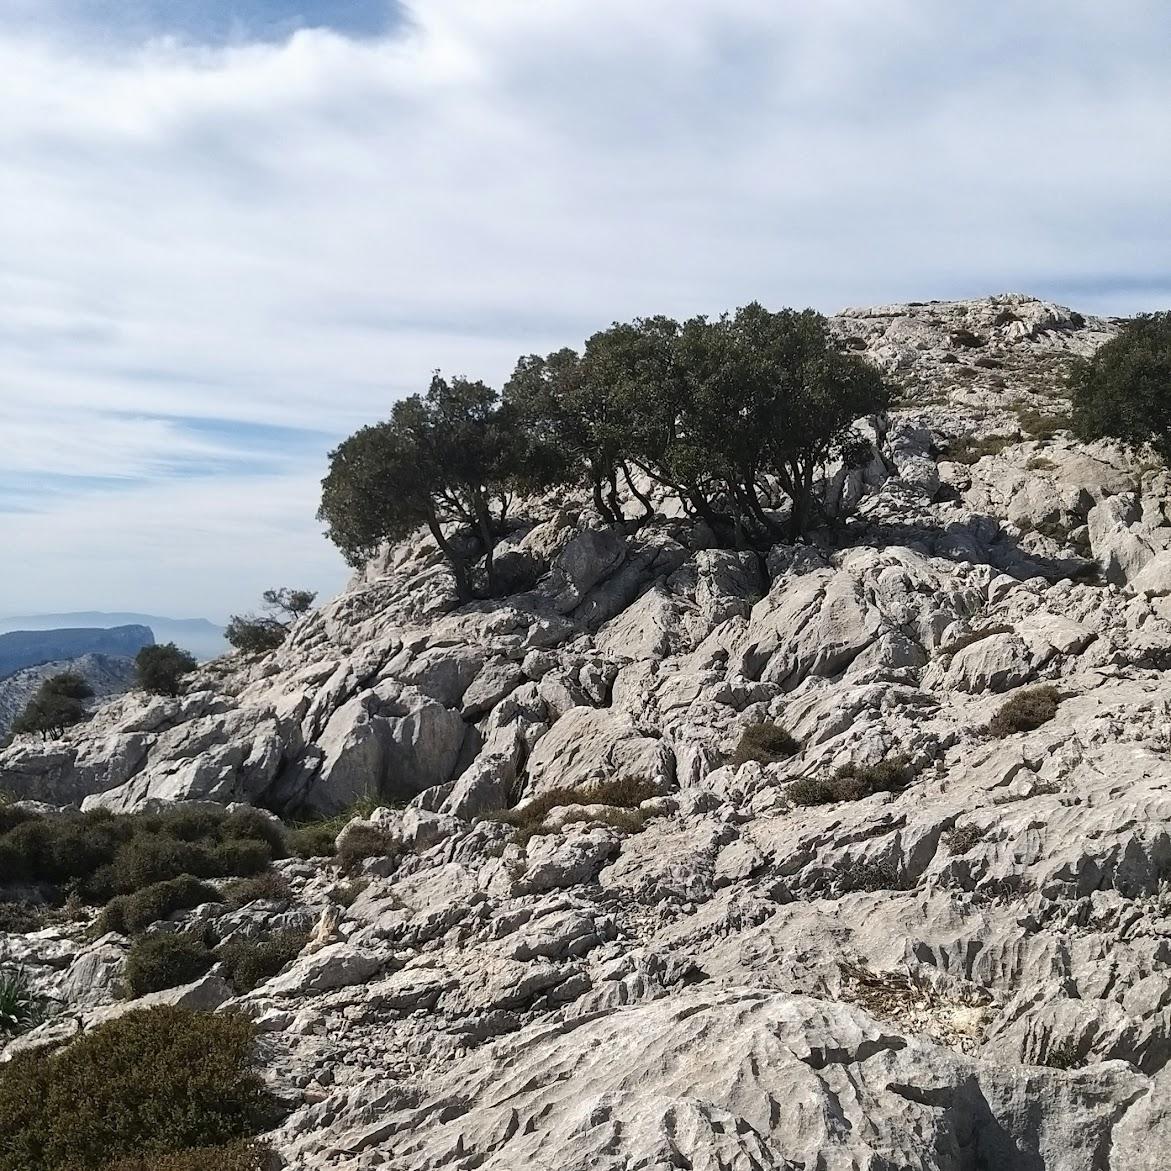 Tramuntana-Gebirge. Es besteht überwiegend aus Kalkgestein. Bild Susanne Reuter